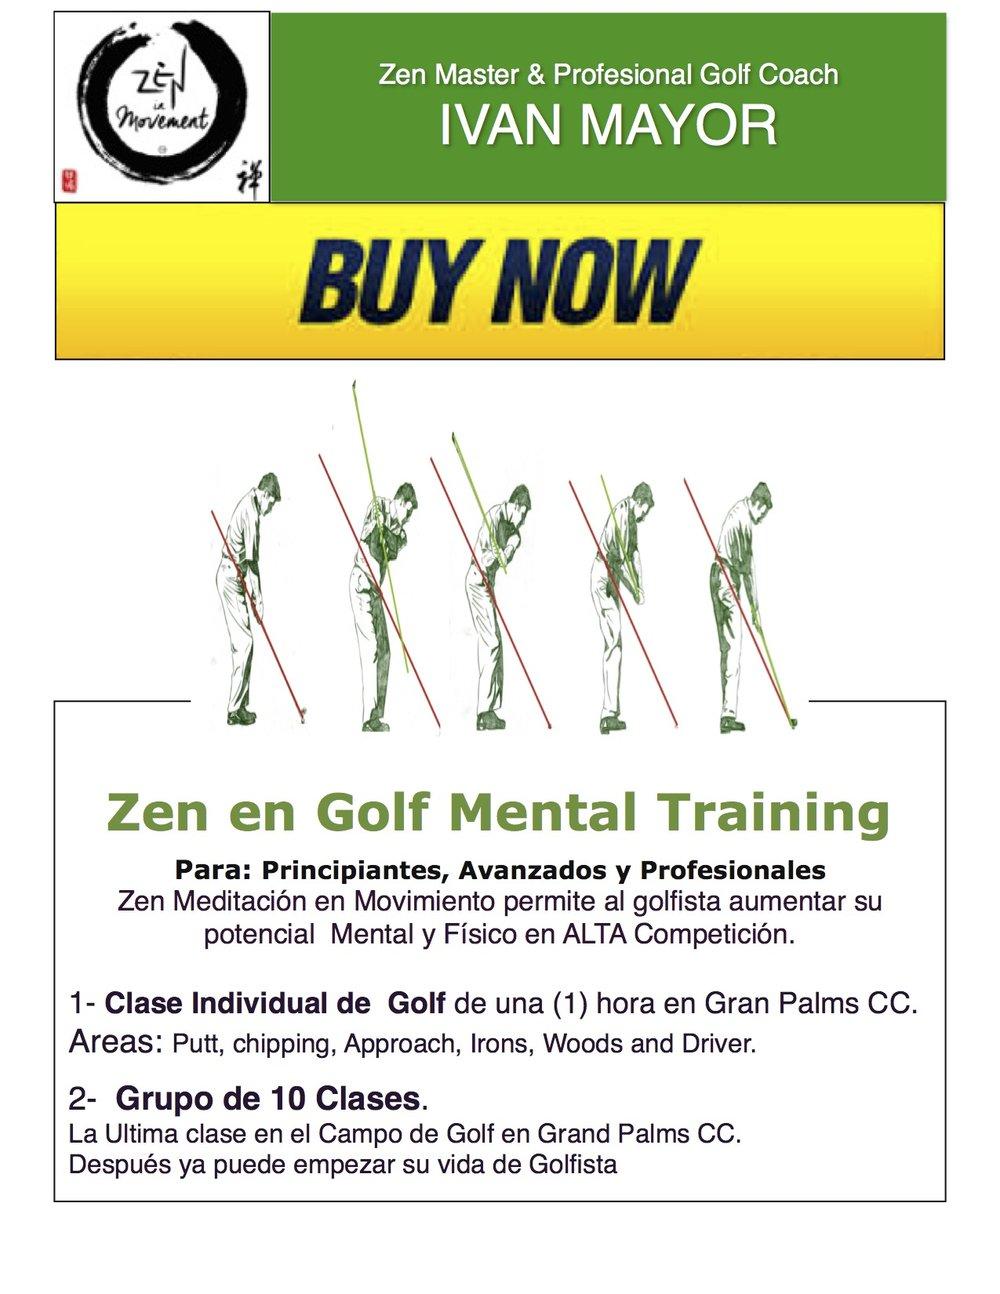 Clase Individual y Grupo de 10 clases... Después a jugar Golf